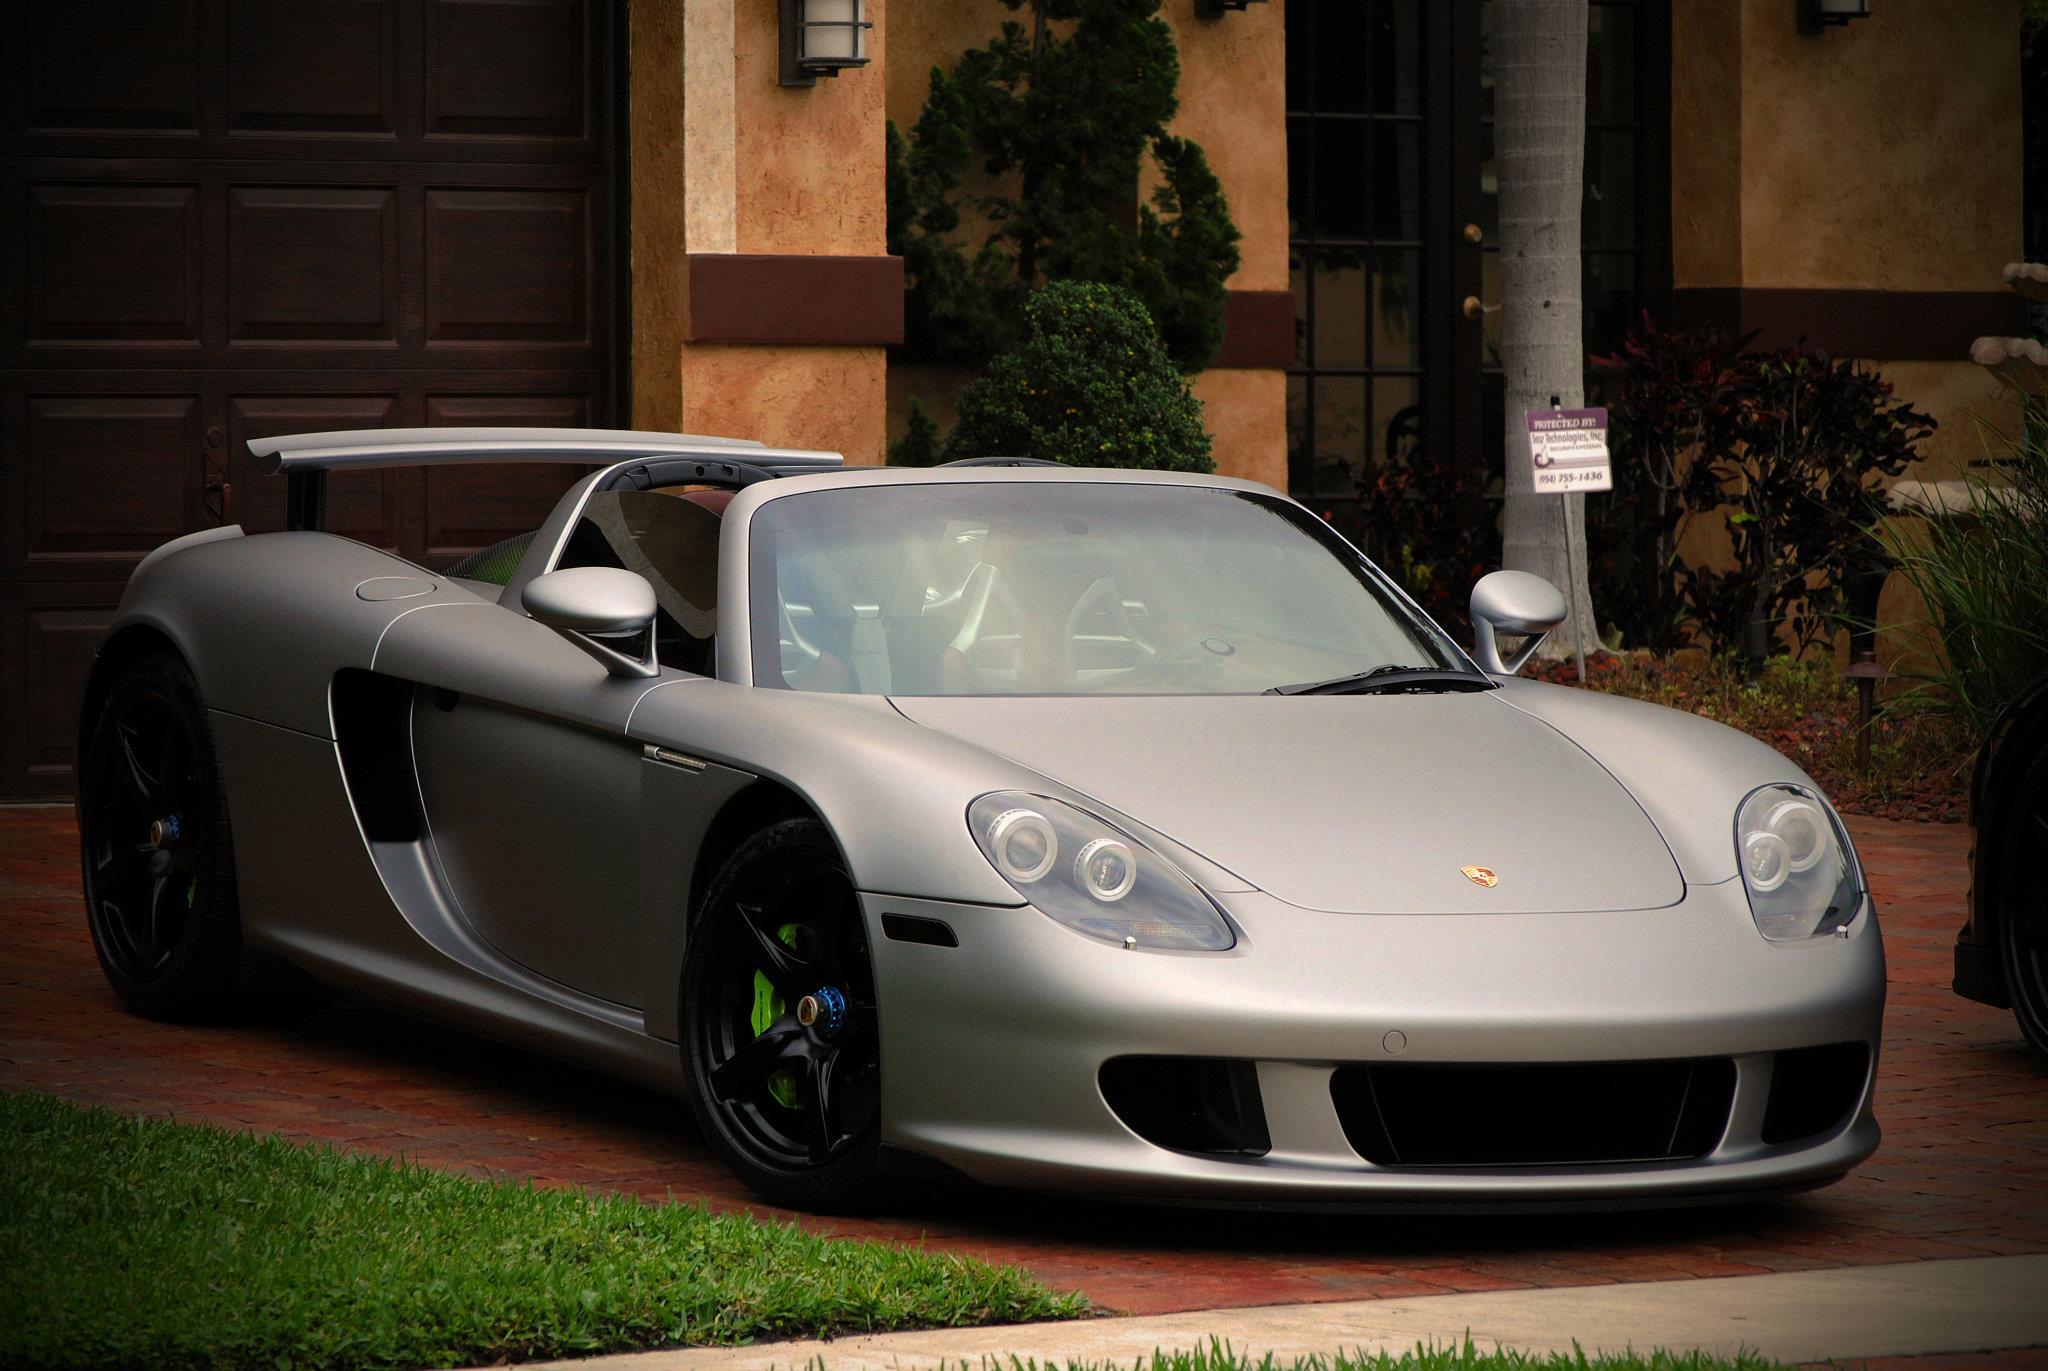 187 Porsche Cgt Exotic Car Search